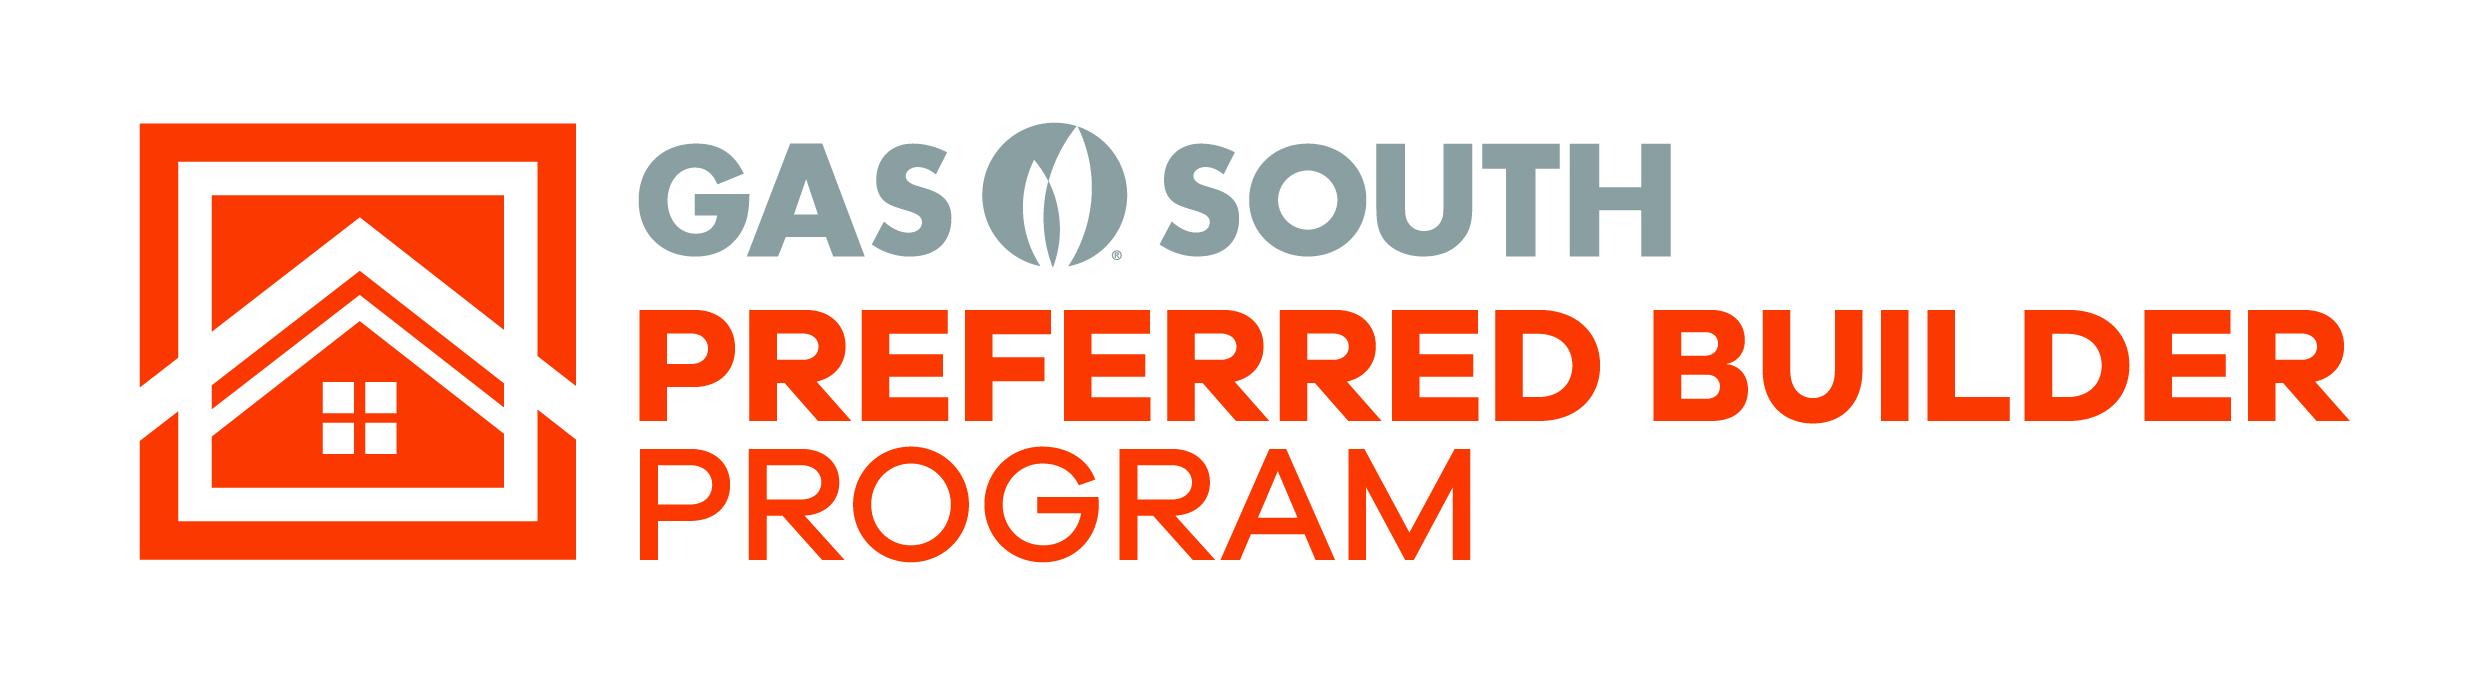 Gas South Builder Program